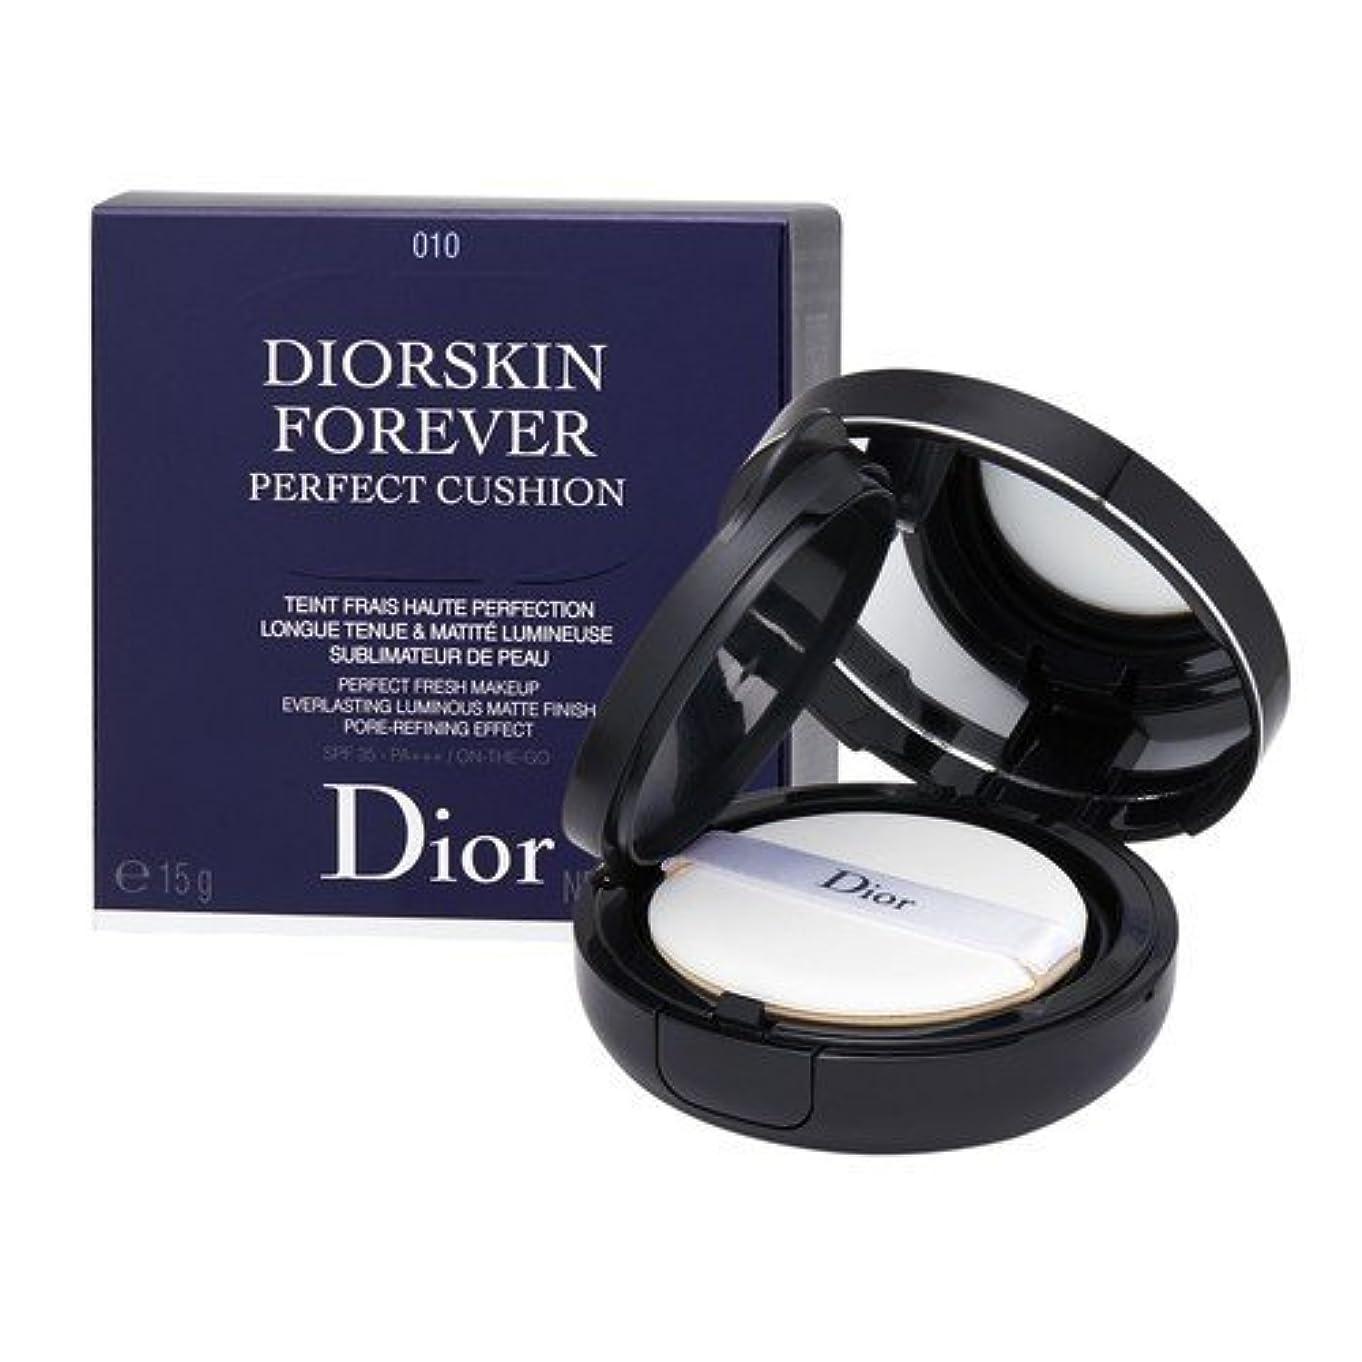 クリスチャン ディオール(Christian Dior) ディオールスキン フォーエヴァー クッション #010 アイボリー 15g[並行輸入品]